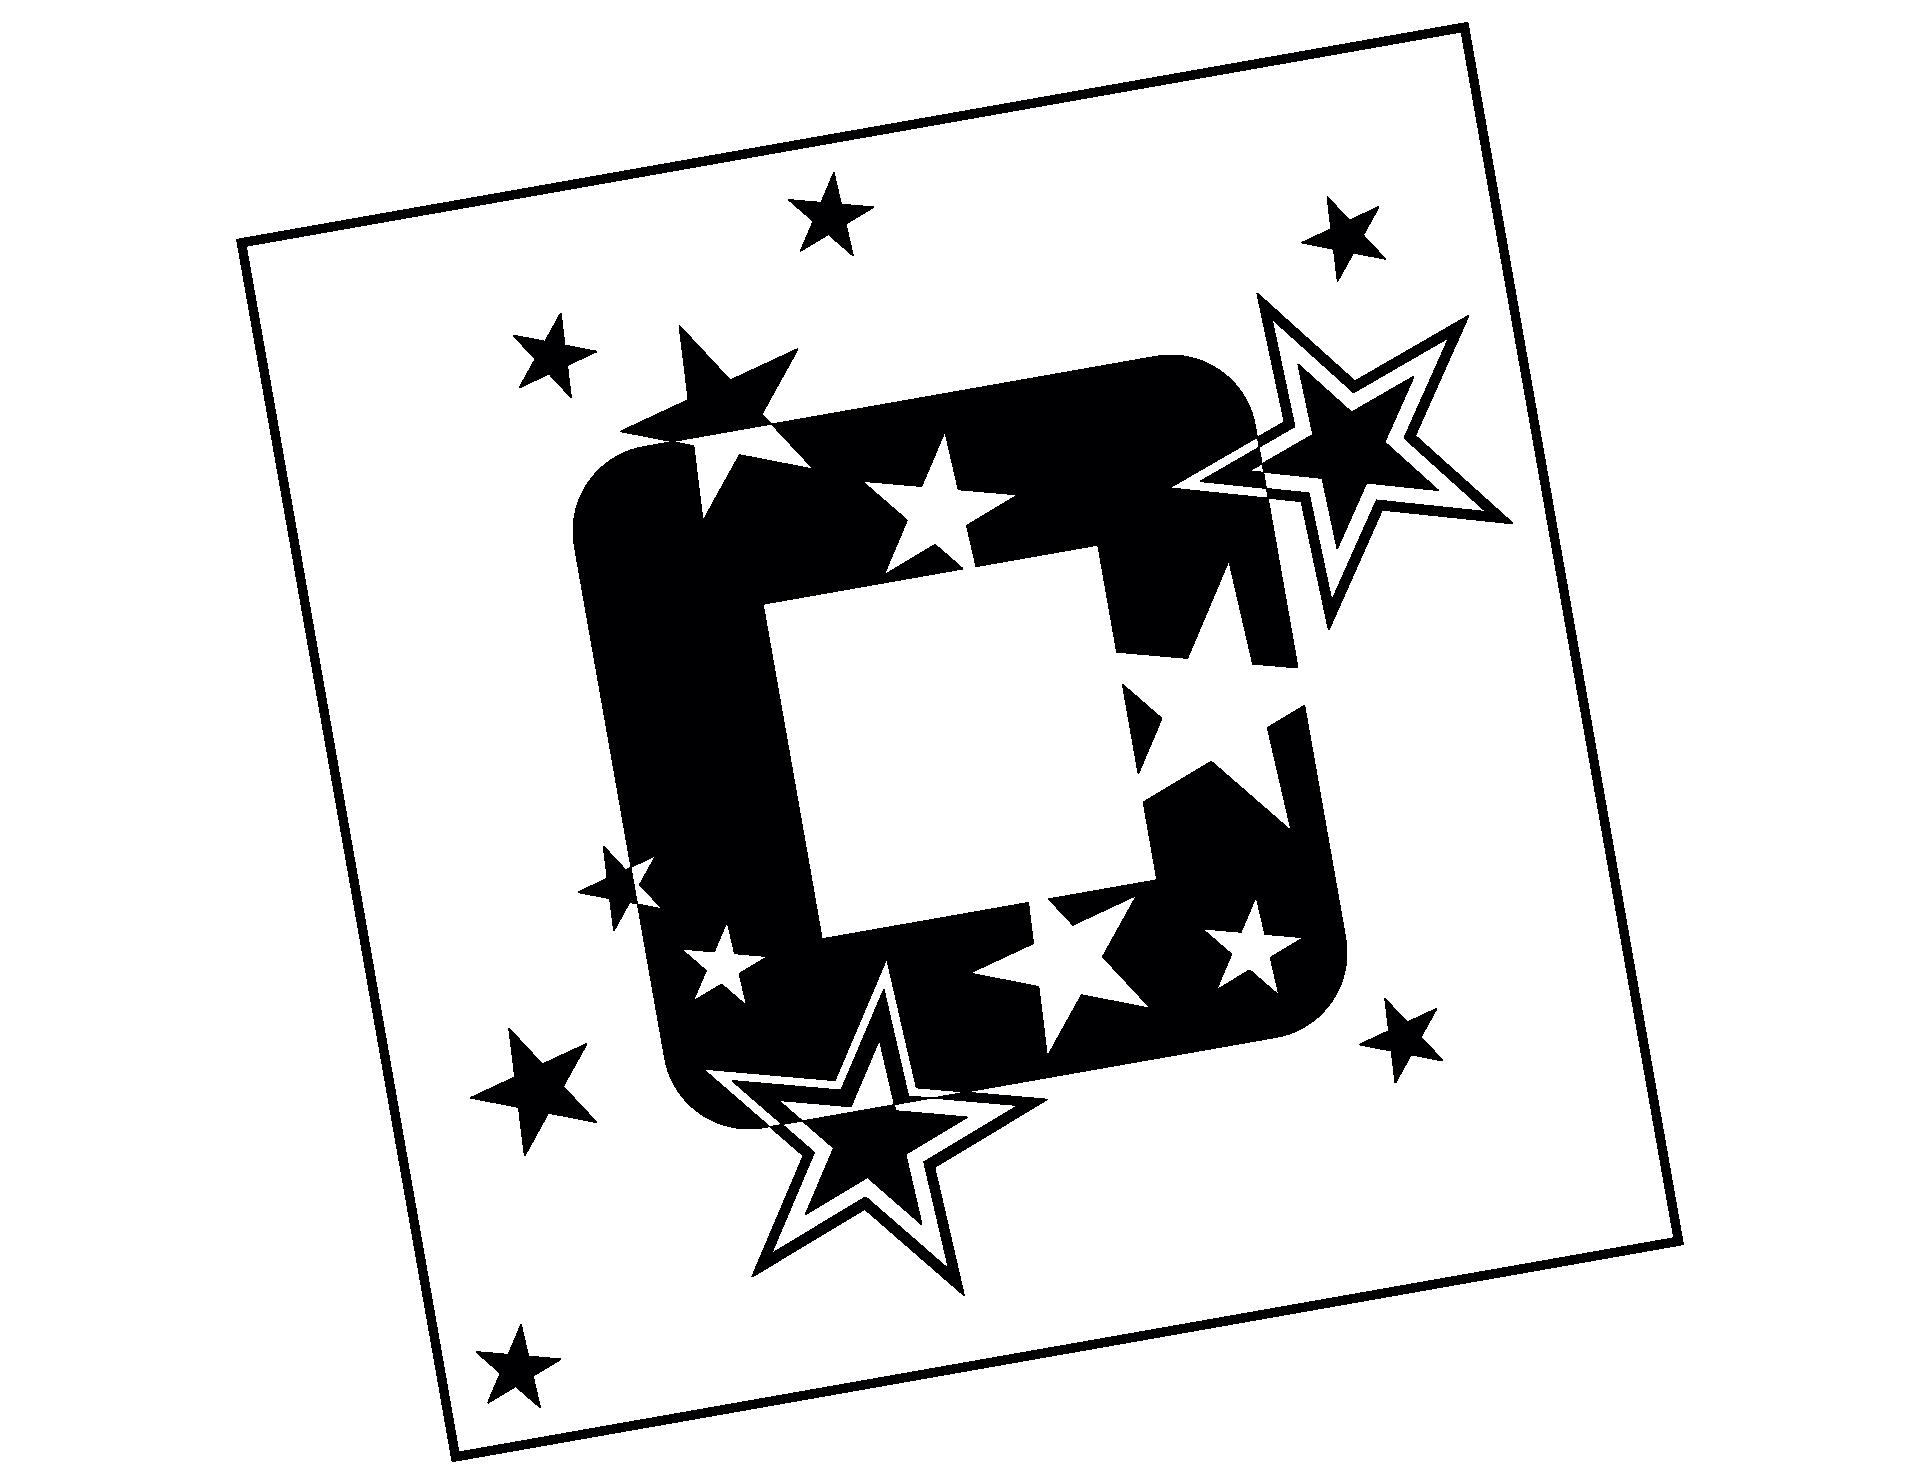 Wandtattoo Sternenrahmen für Steckdosen und Lichtschalter